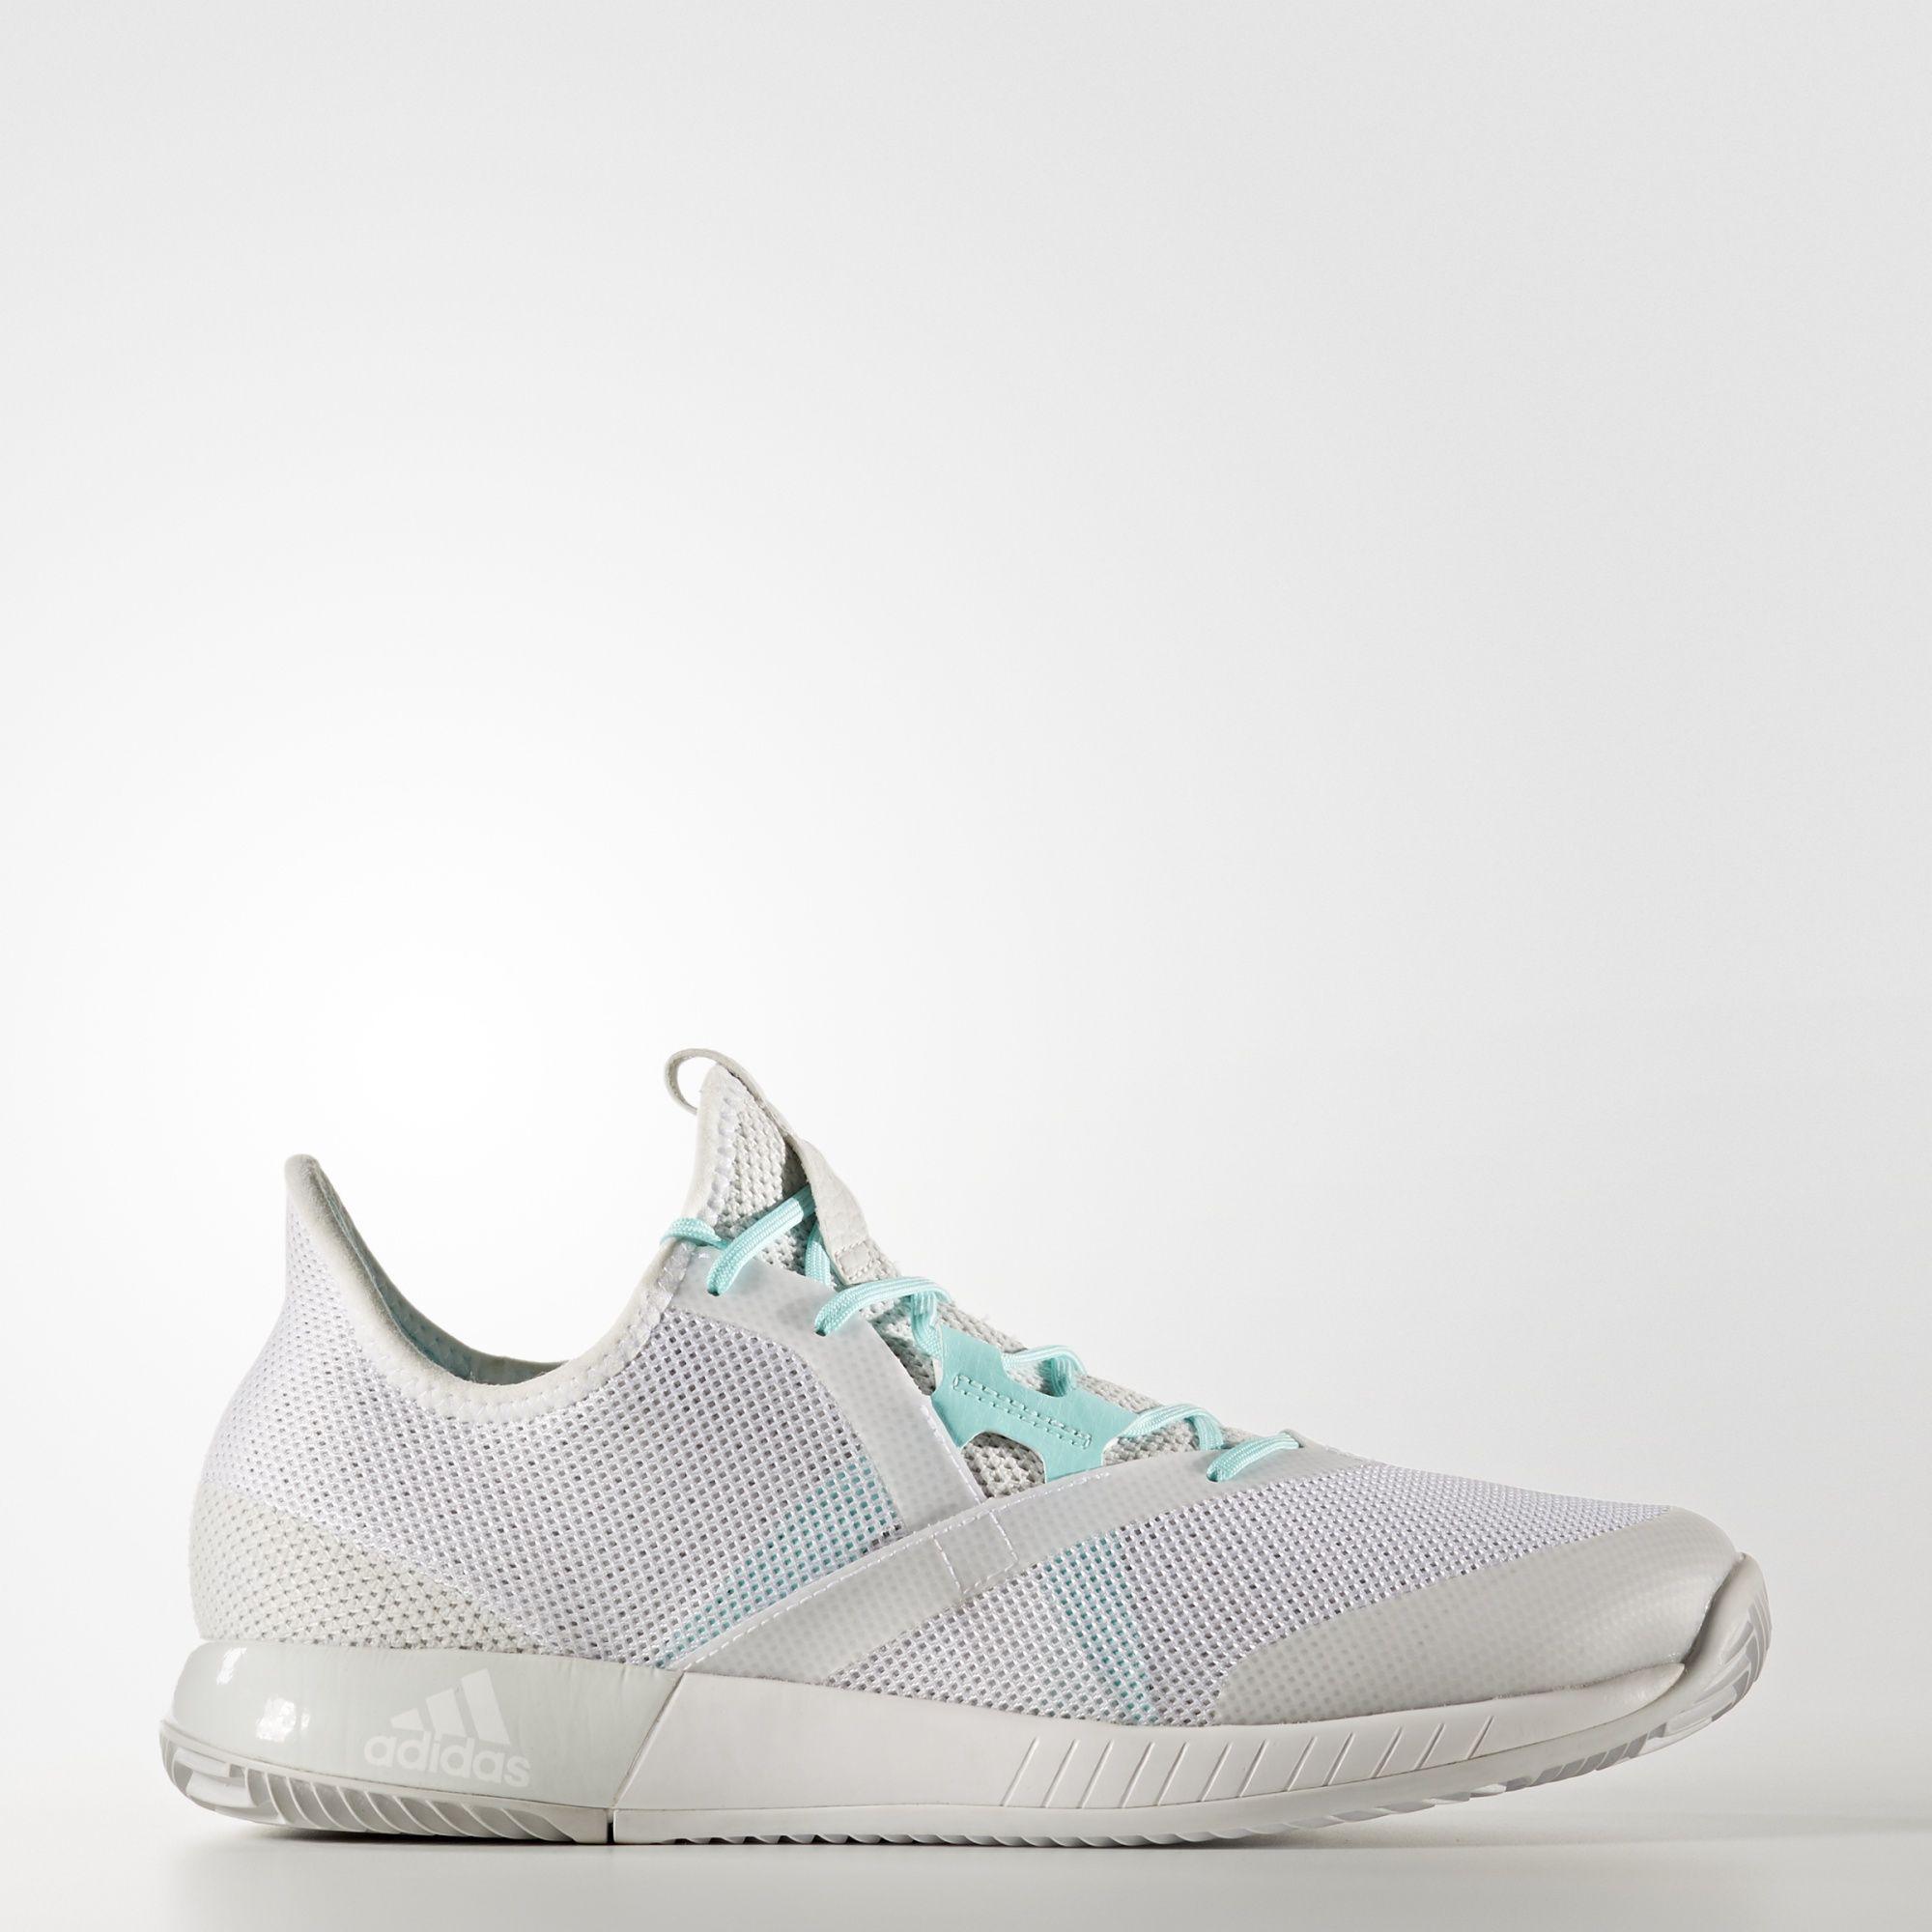 745ac91b6dc68 Adidas Womens Adizero Defiant Bounce Tennis Shoes - White - Tennisnuts.com